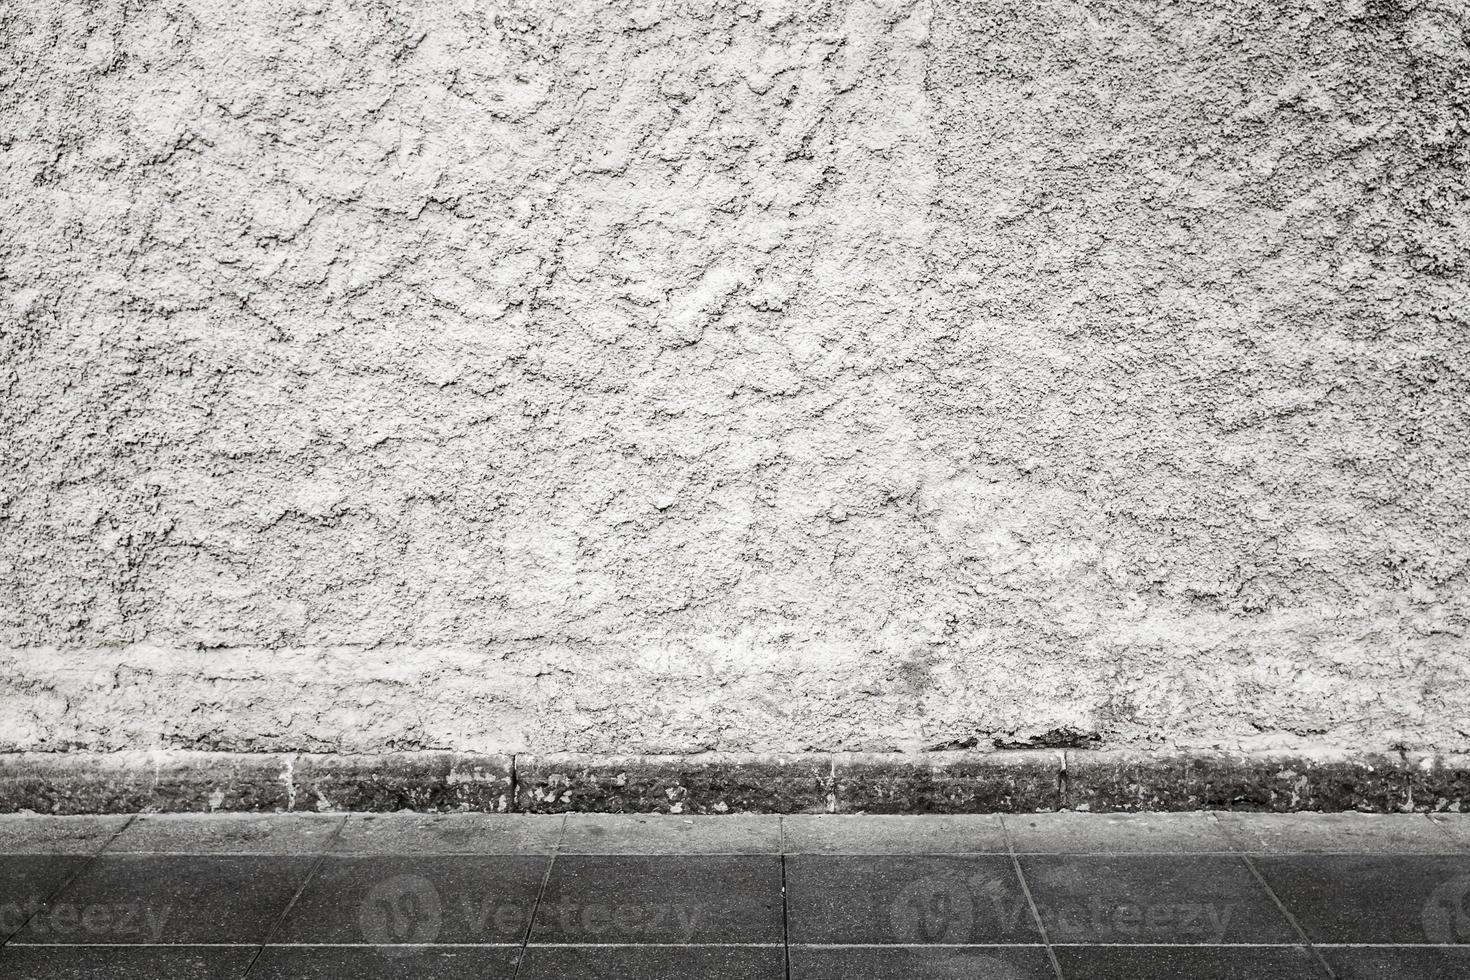 interno di fondo urbano con muro di cemento sgangherato bianco foto